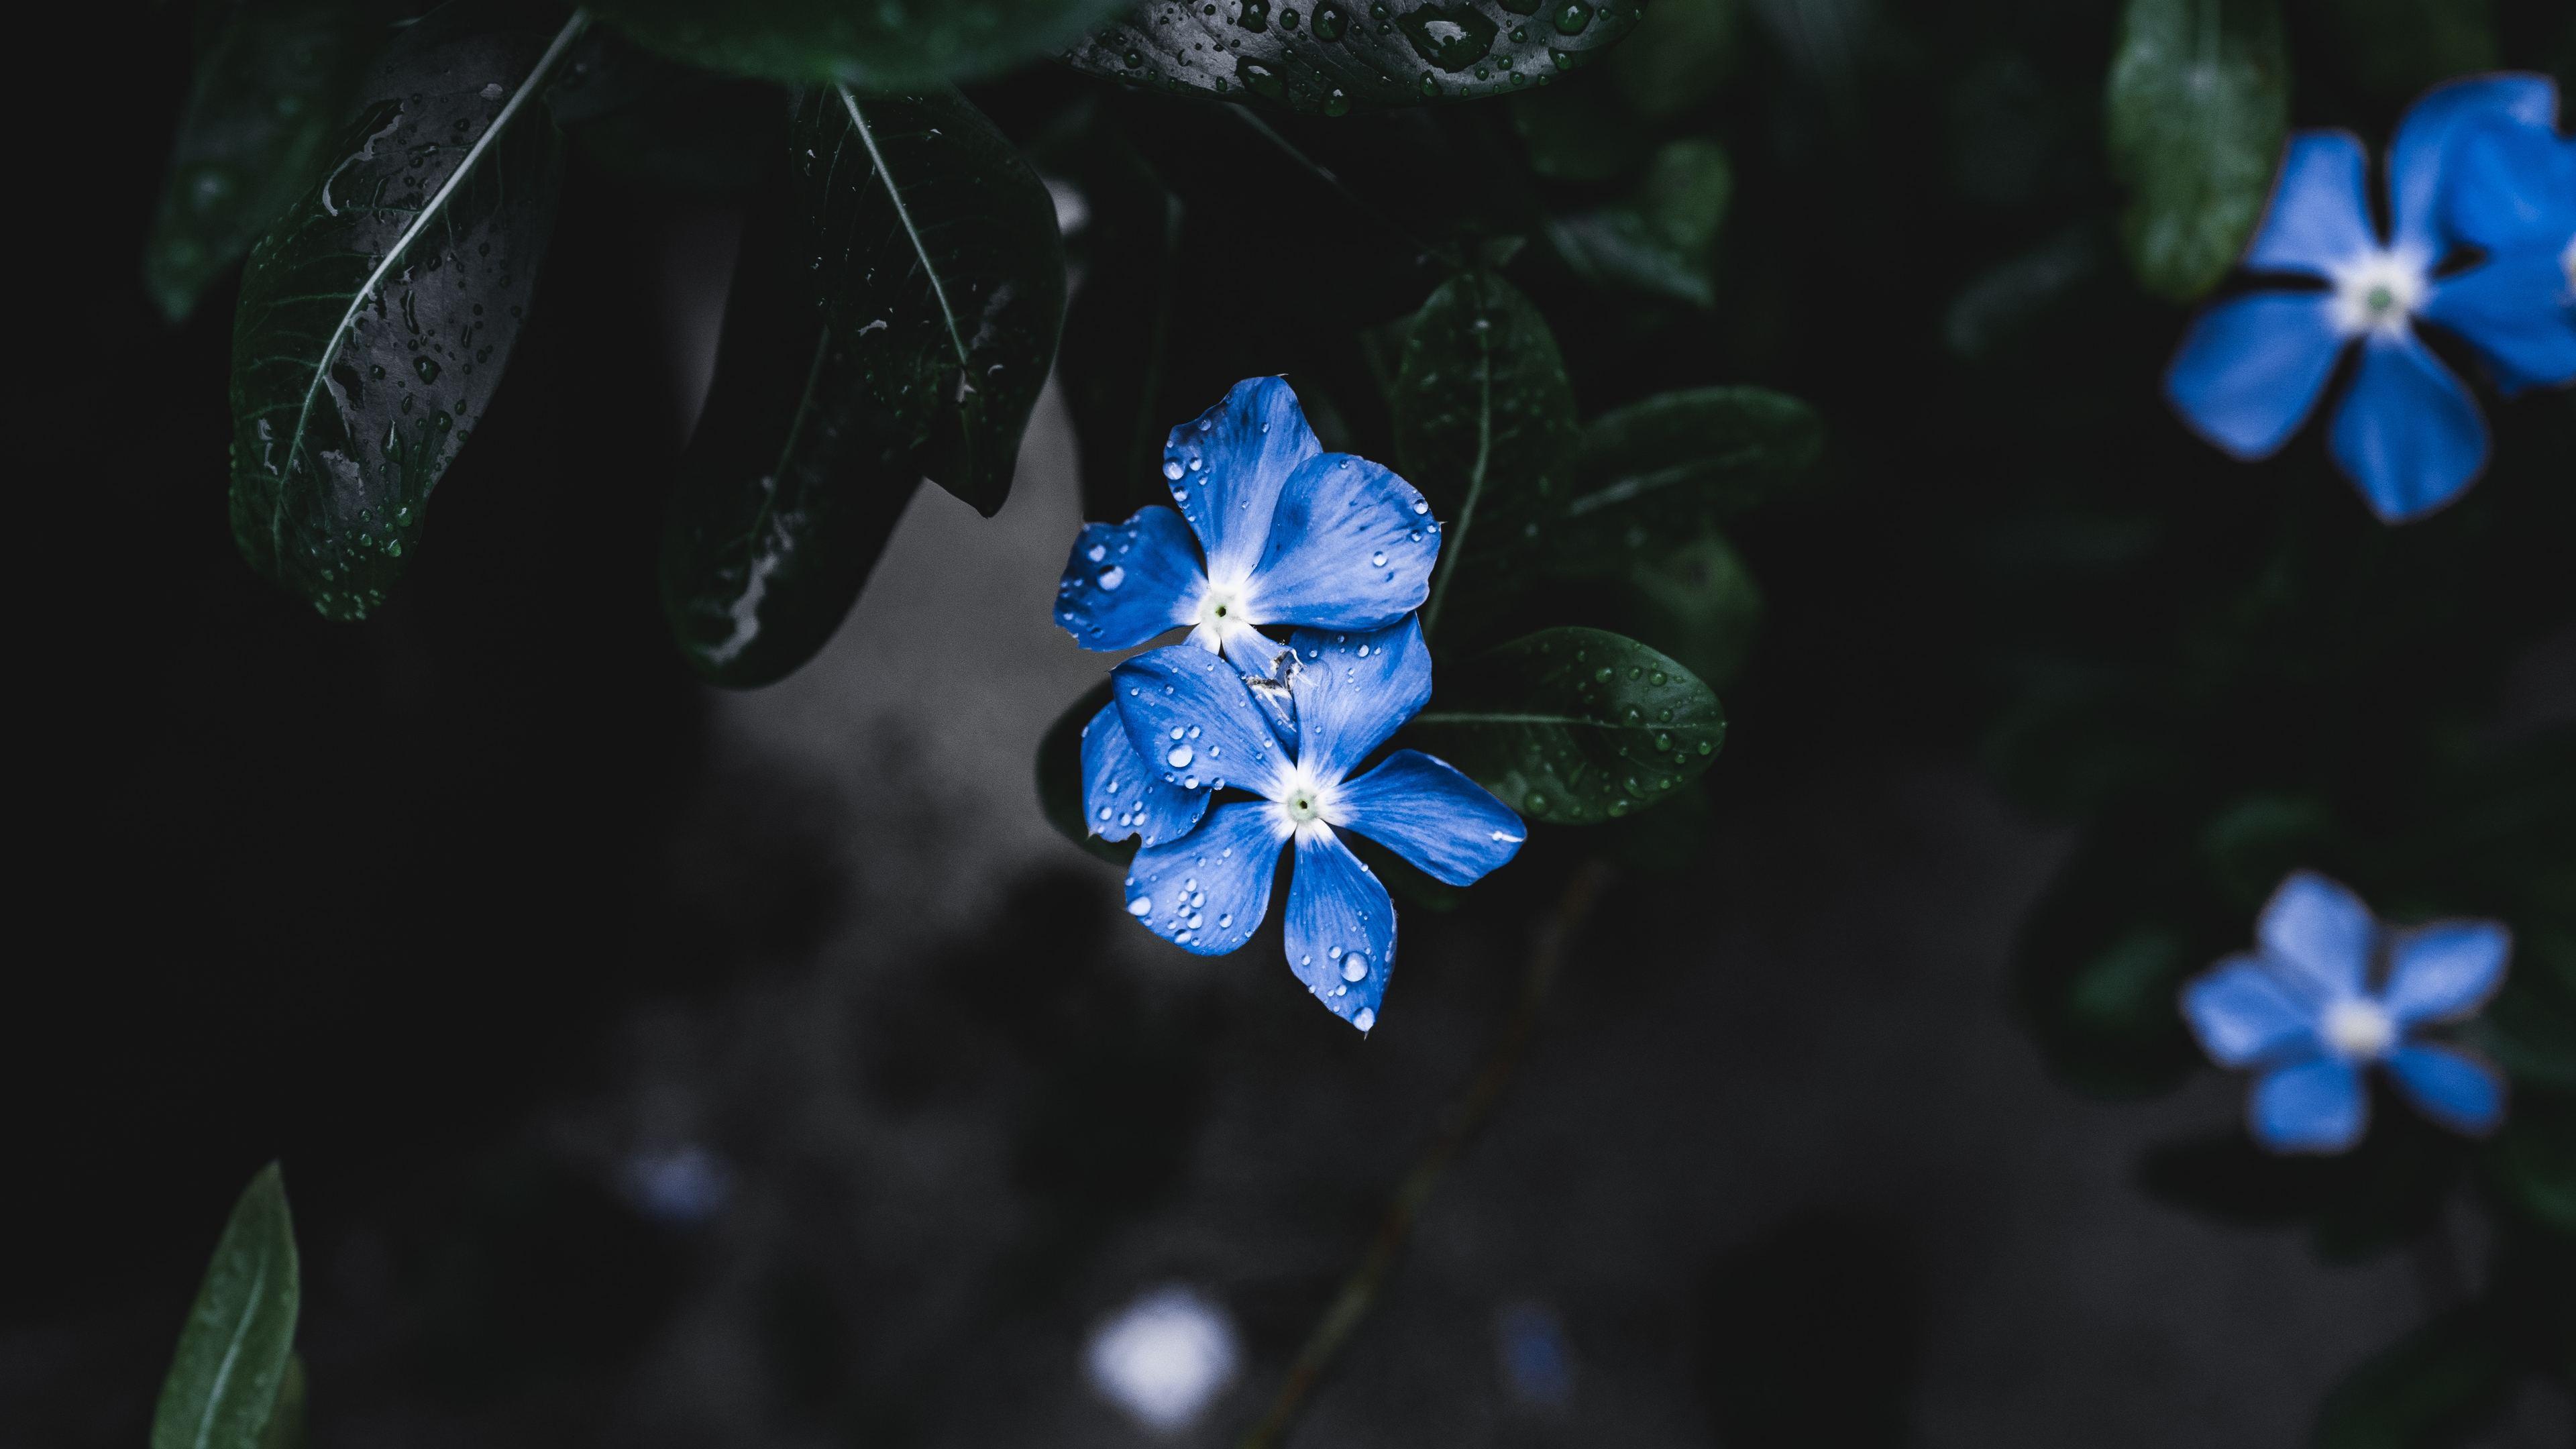 blue plant flower 1551643810 - Blue Plant Flower - nature wallpapers, hd-wallpapers, flower wallpapers, 4k-wallpapers